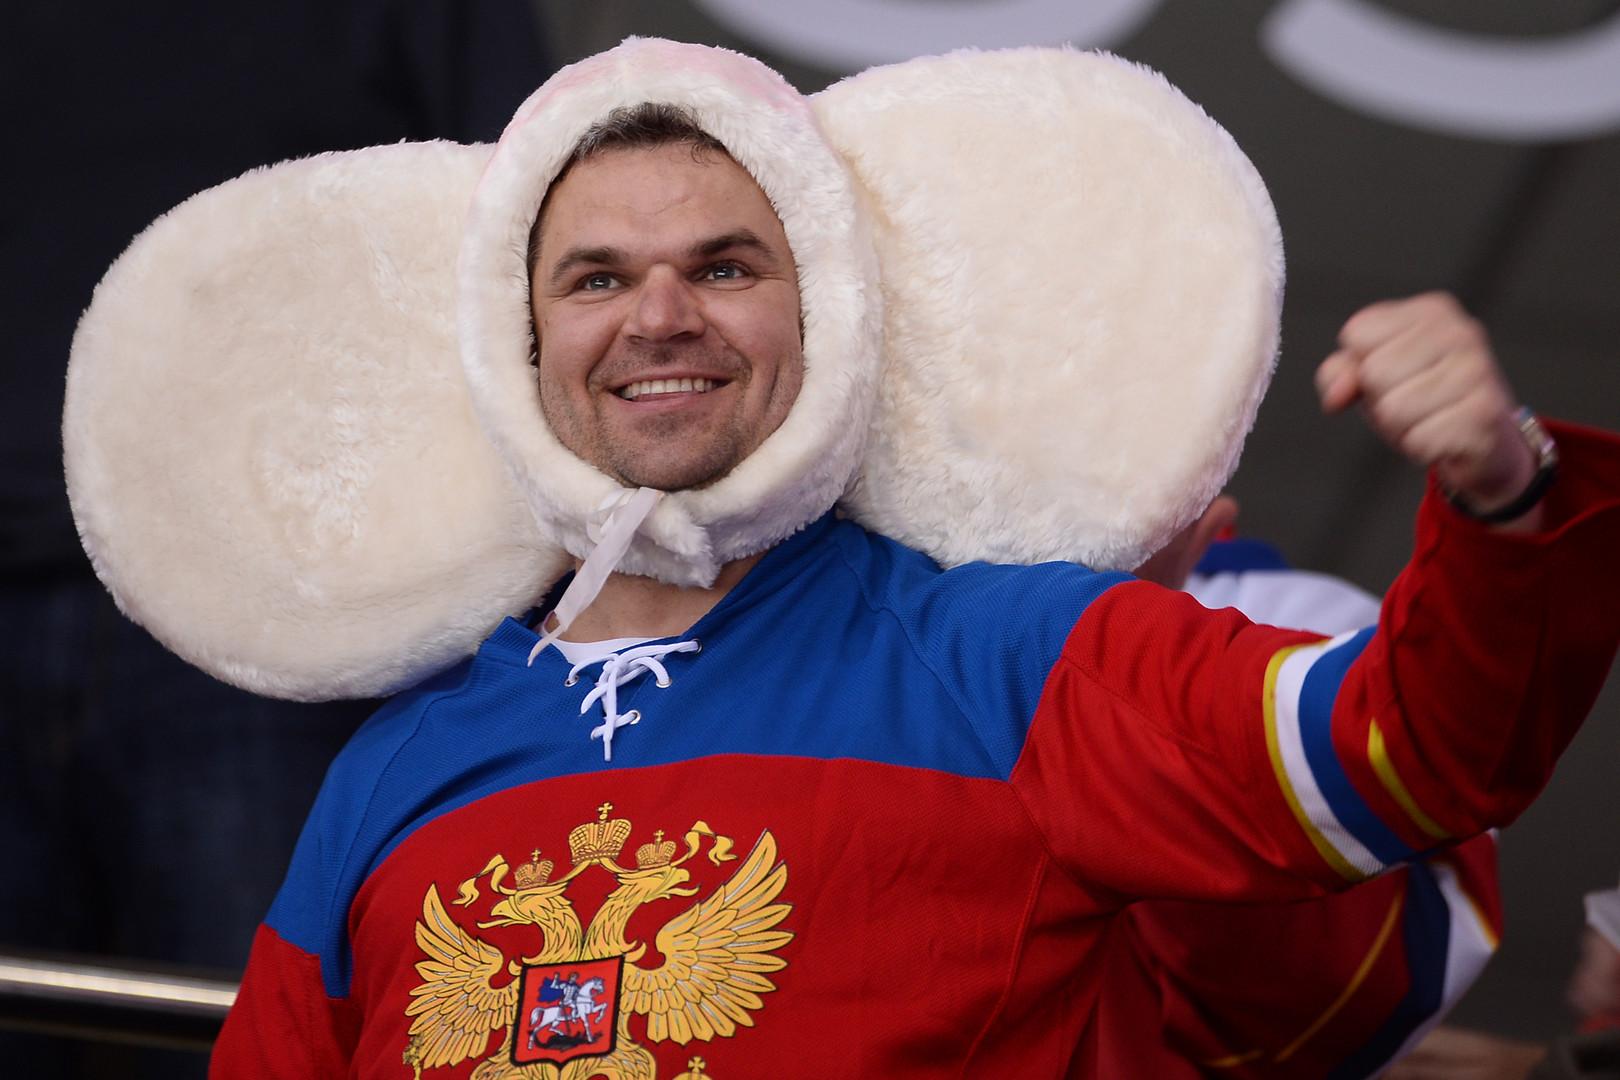 Болельщик сборной России во время матча 1/2 плей-офф чемпионата мира по хоккею между сборными командами Финляндии и России.